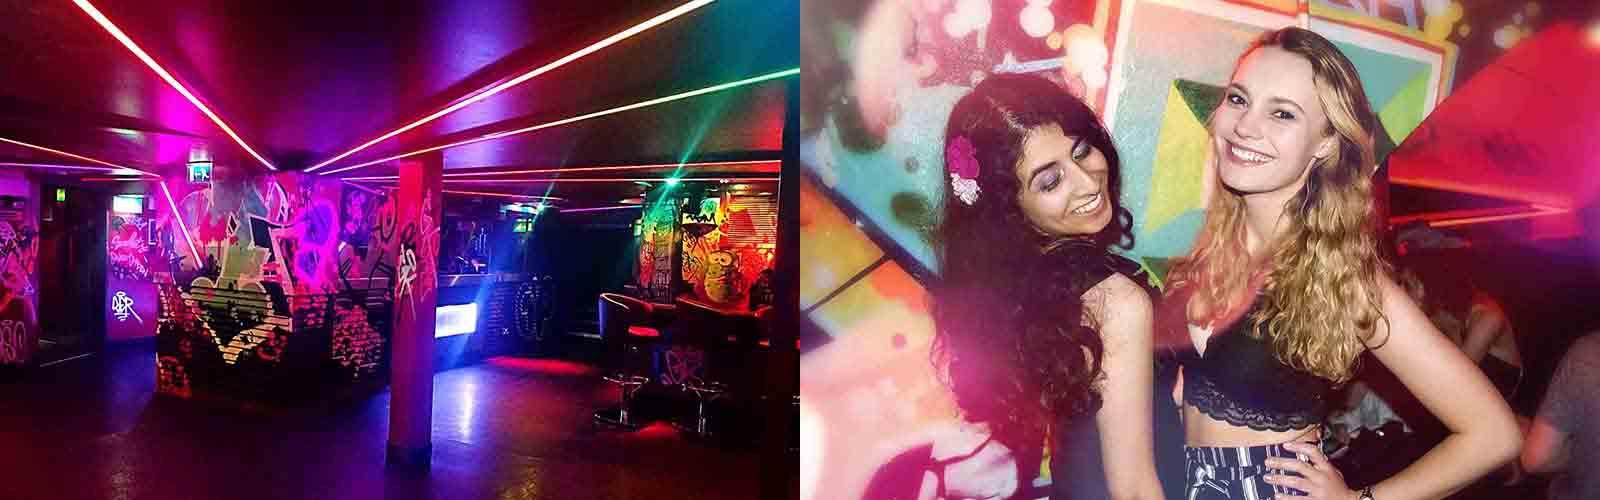 Een uniek avondje uit in Covent Garden bij nachtclub scarlets